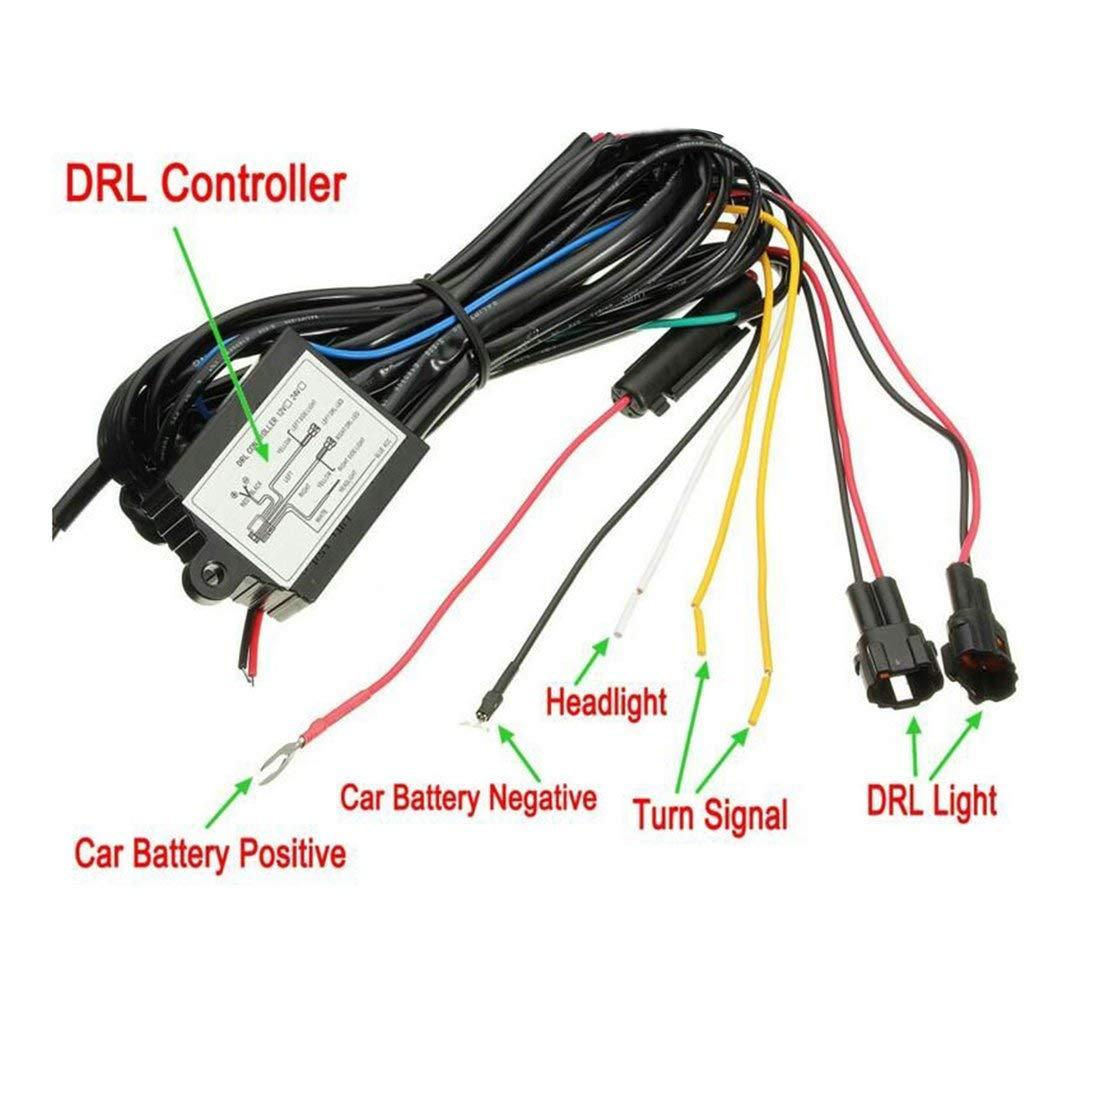 Control de arn/és de rel/é de luz LED de funcionamiento diurno multifunci/ón DRL Encendido Apagado Atenuador Controlador de luces de circulaci/ón diurna del autom/óvil ToGames